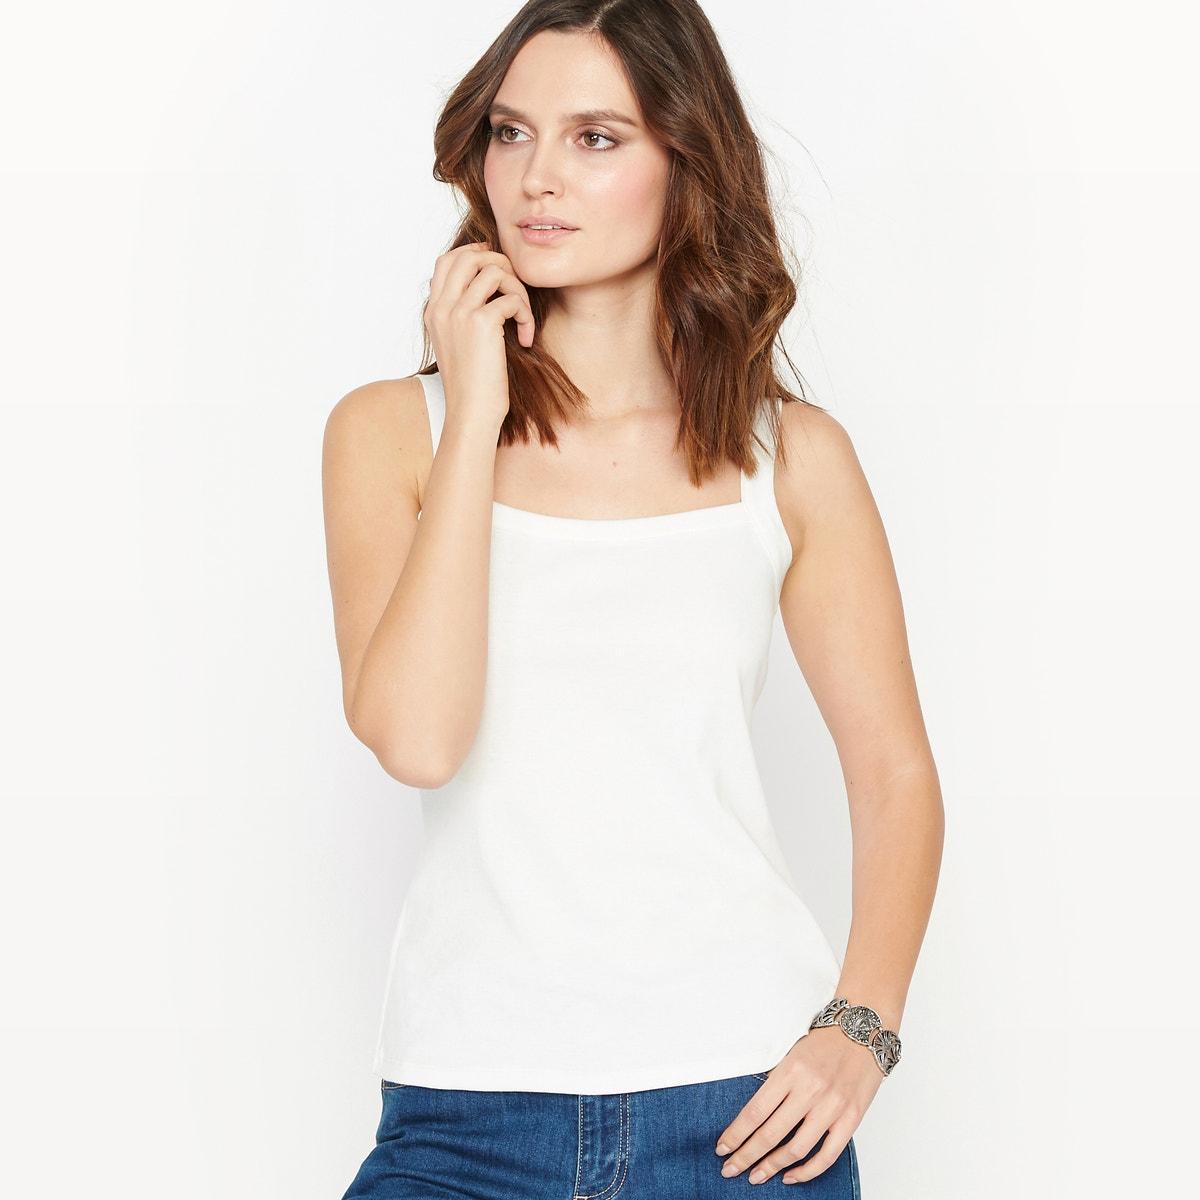 Φανελάκι απο 100% χτενισμένο βαμβάκι ΛΕΥΚΟ γυναικα   μπλούζες   πουκάμισα   τοπ